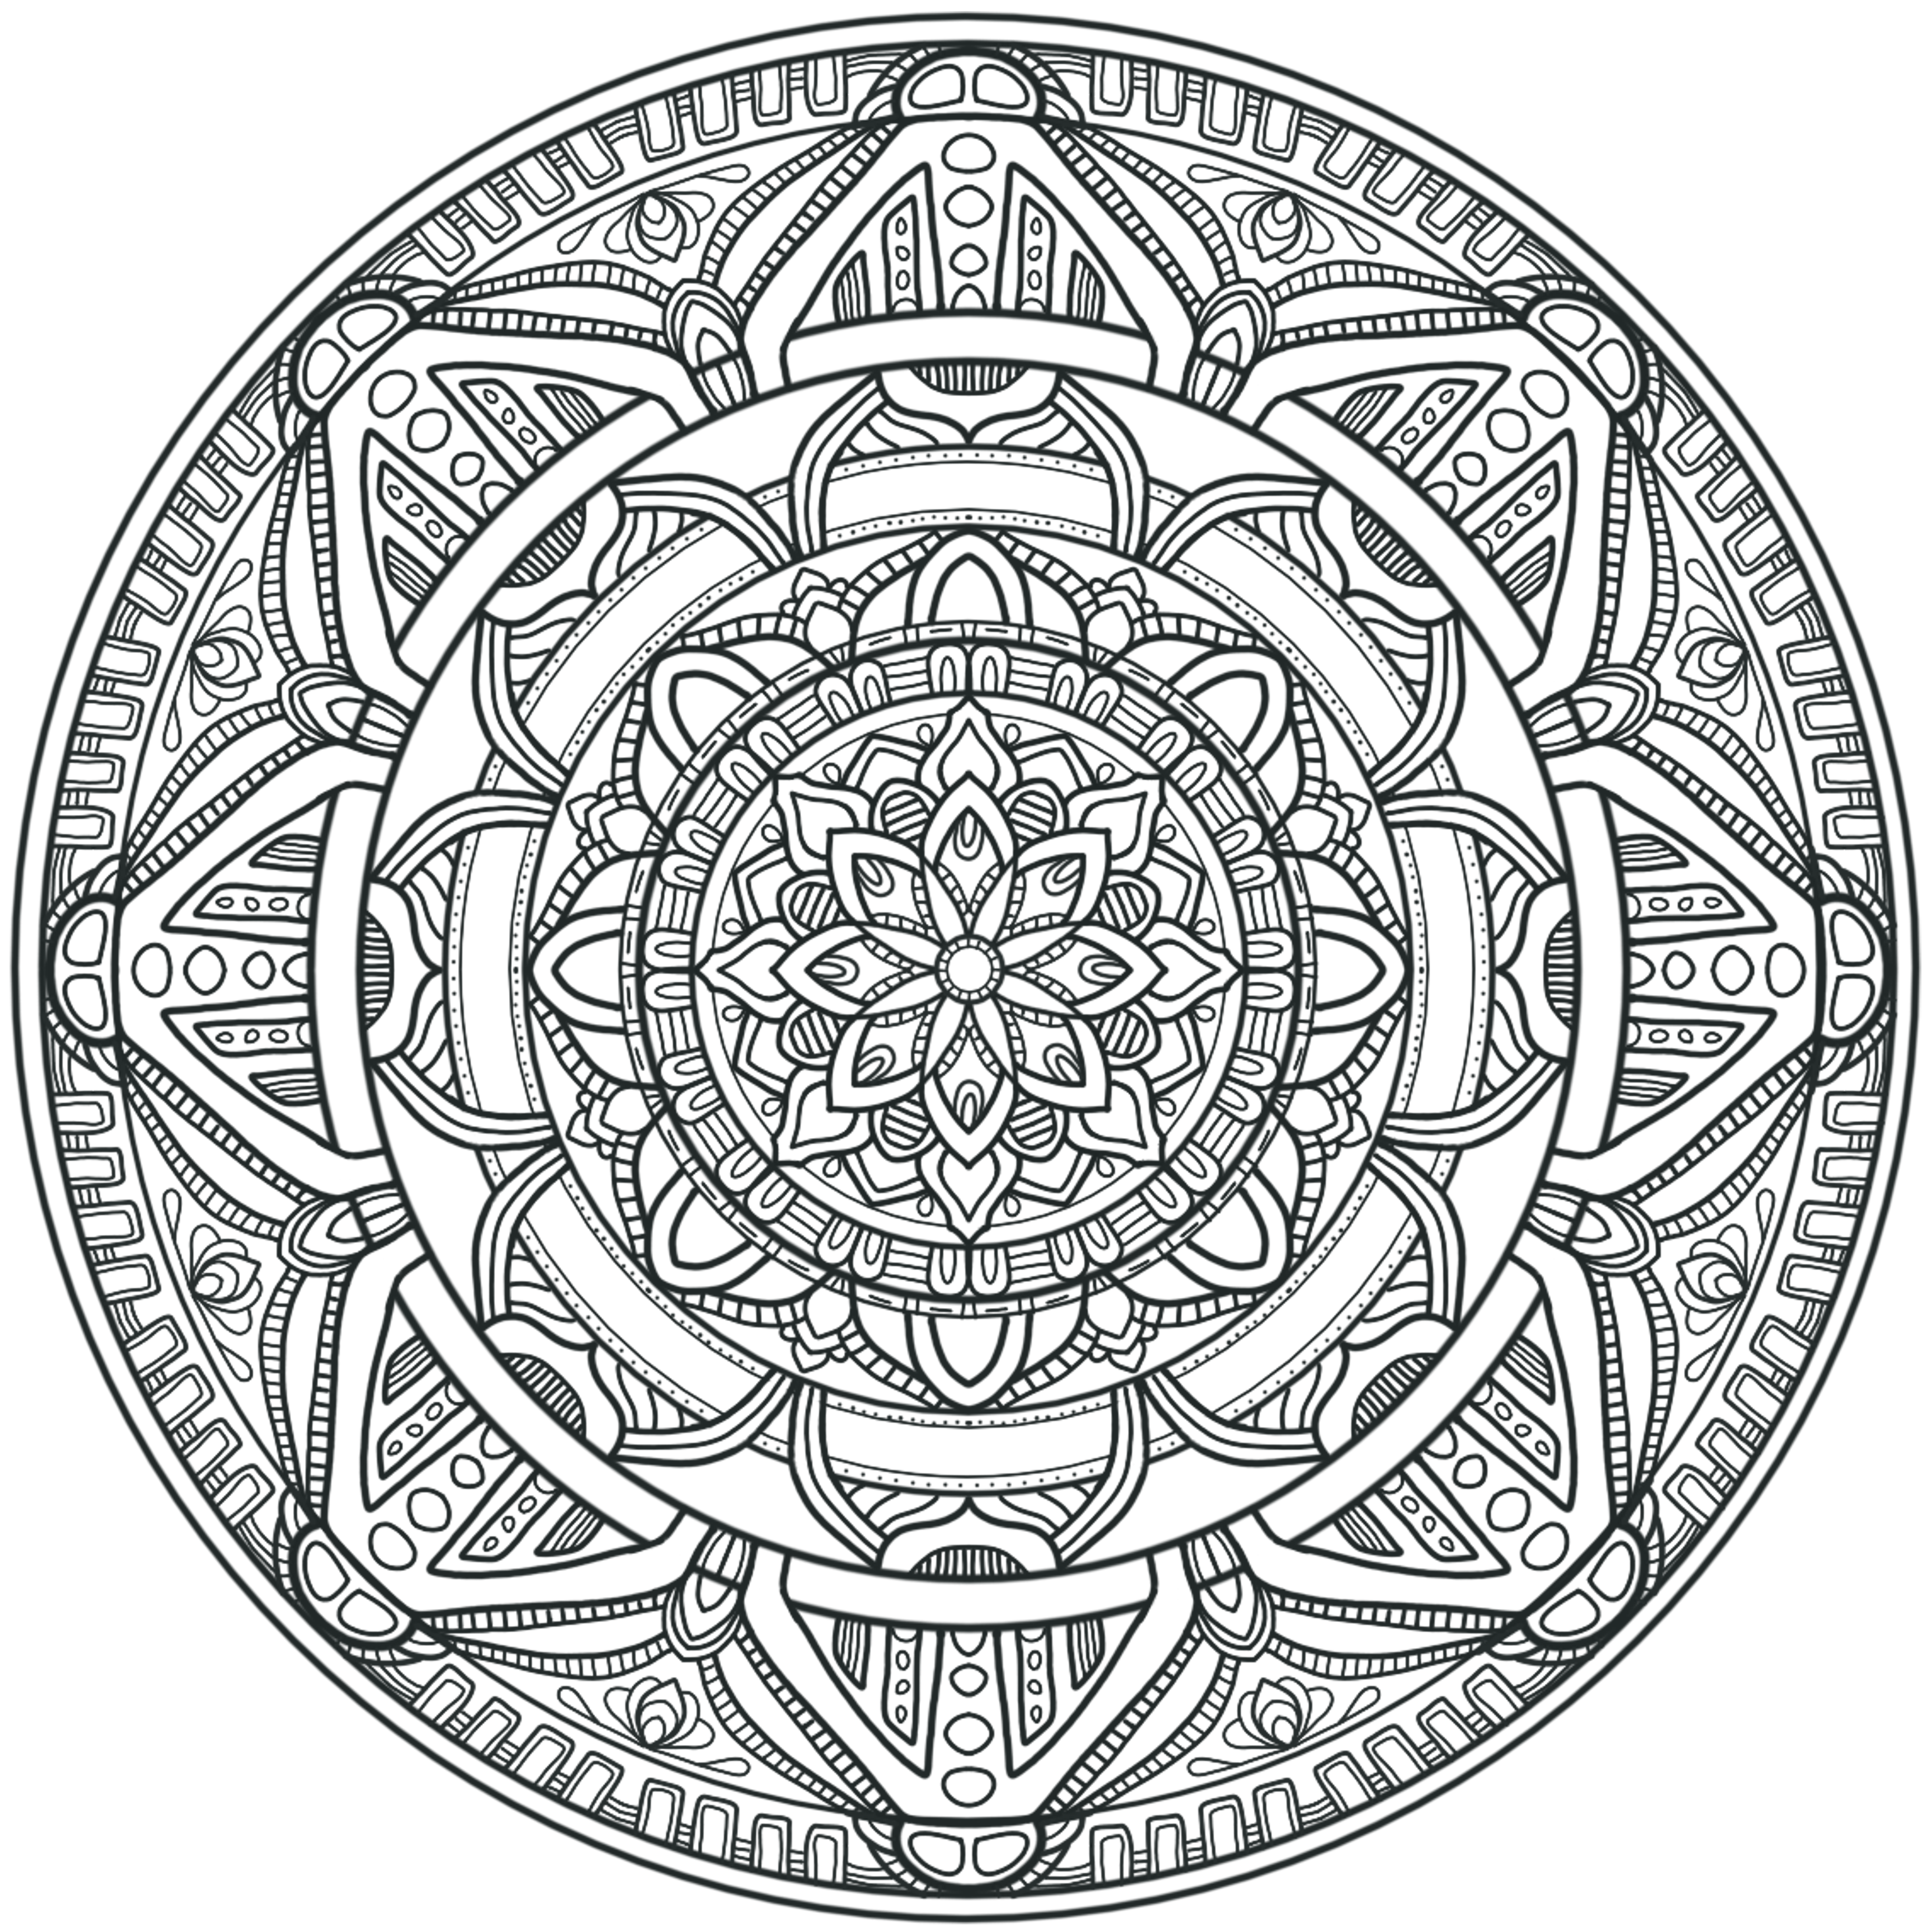 Krita Circles Mandala 3 By WelshPixiedeviantart On DeviantArt